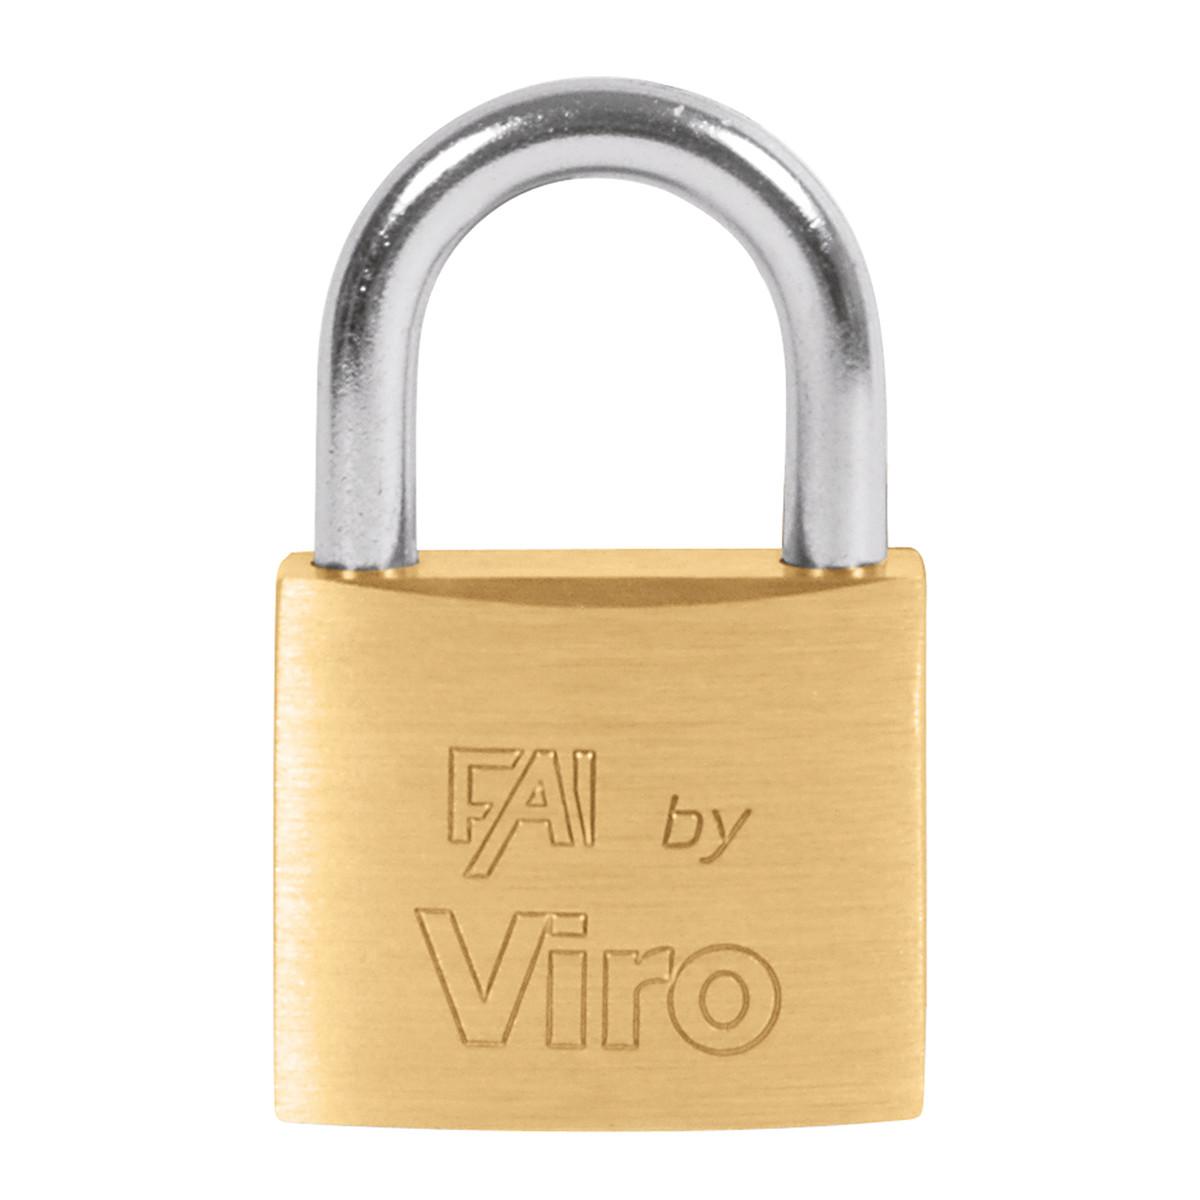 Viro Lucchetto rettangolare a chiave arco standard 30 mm